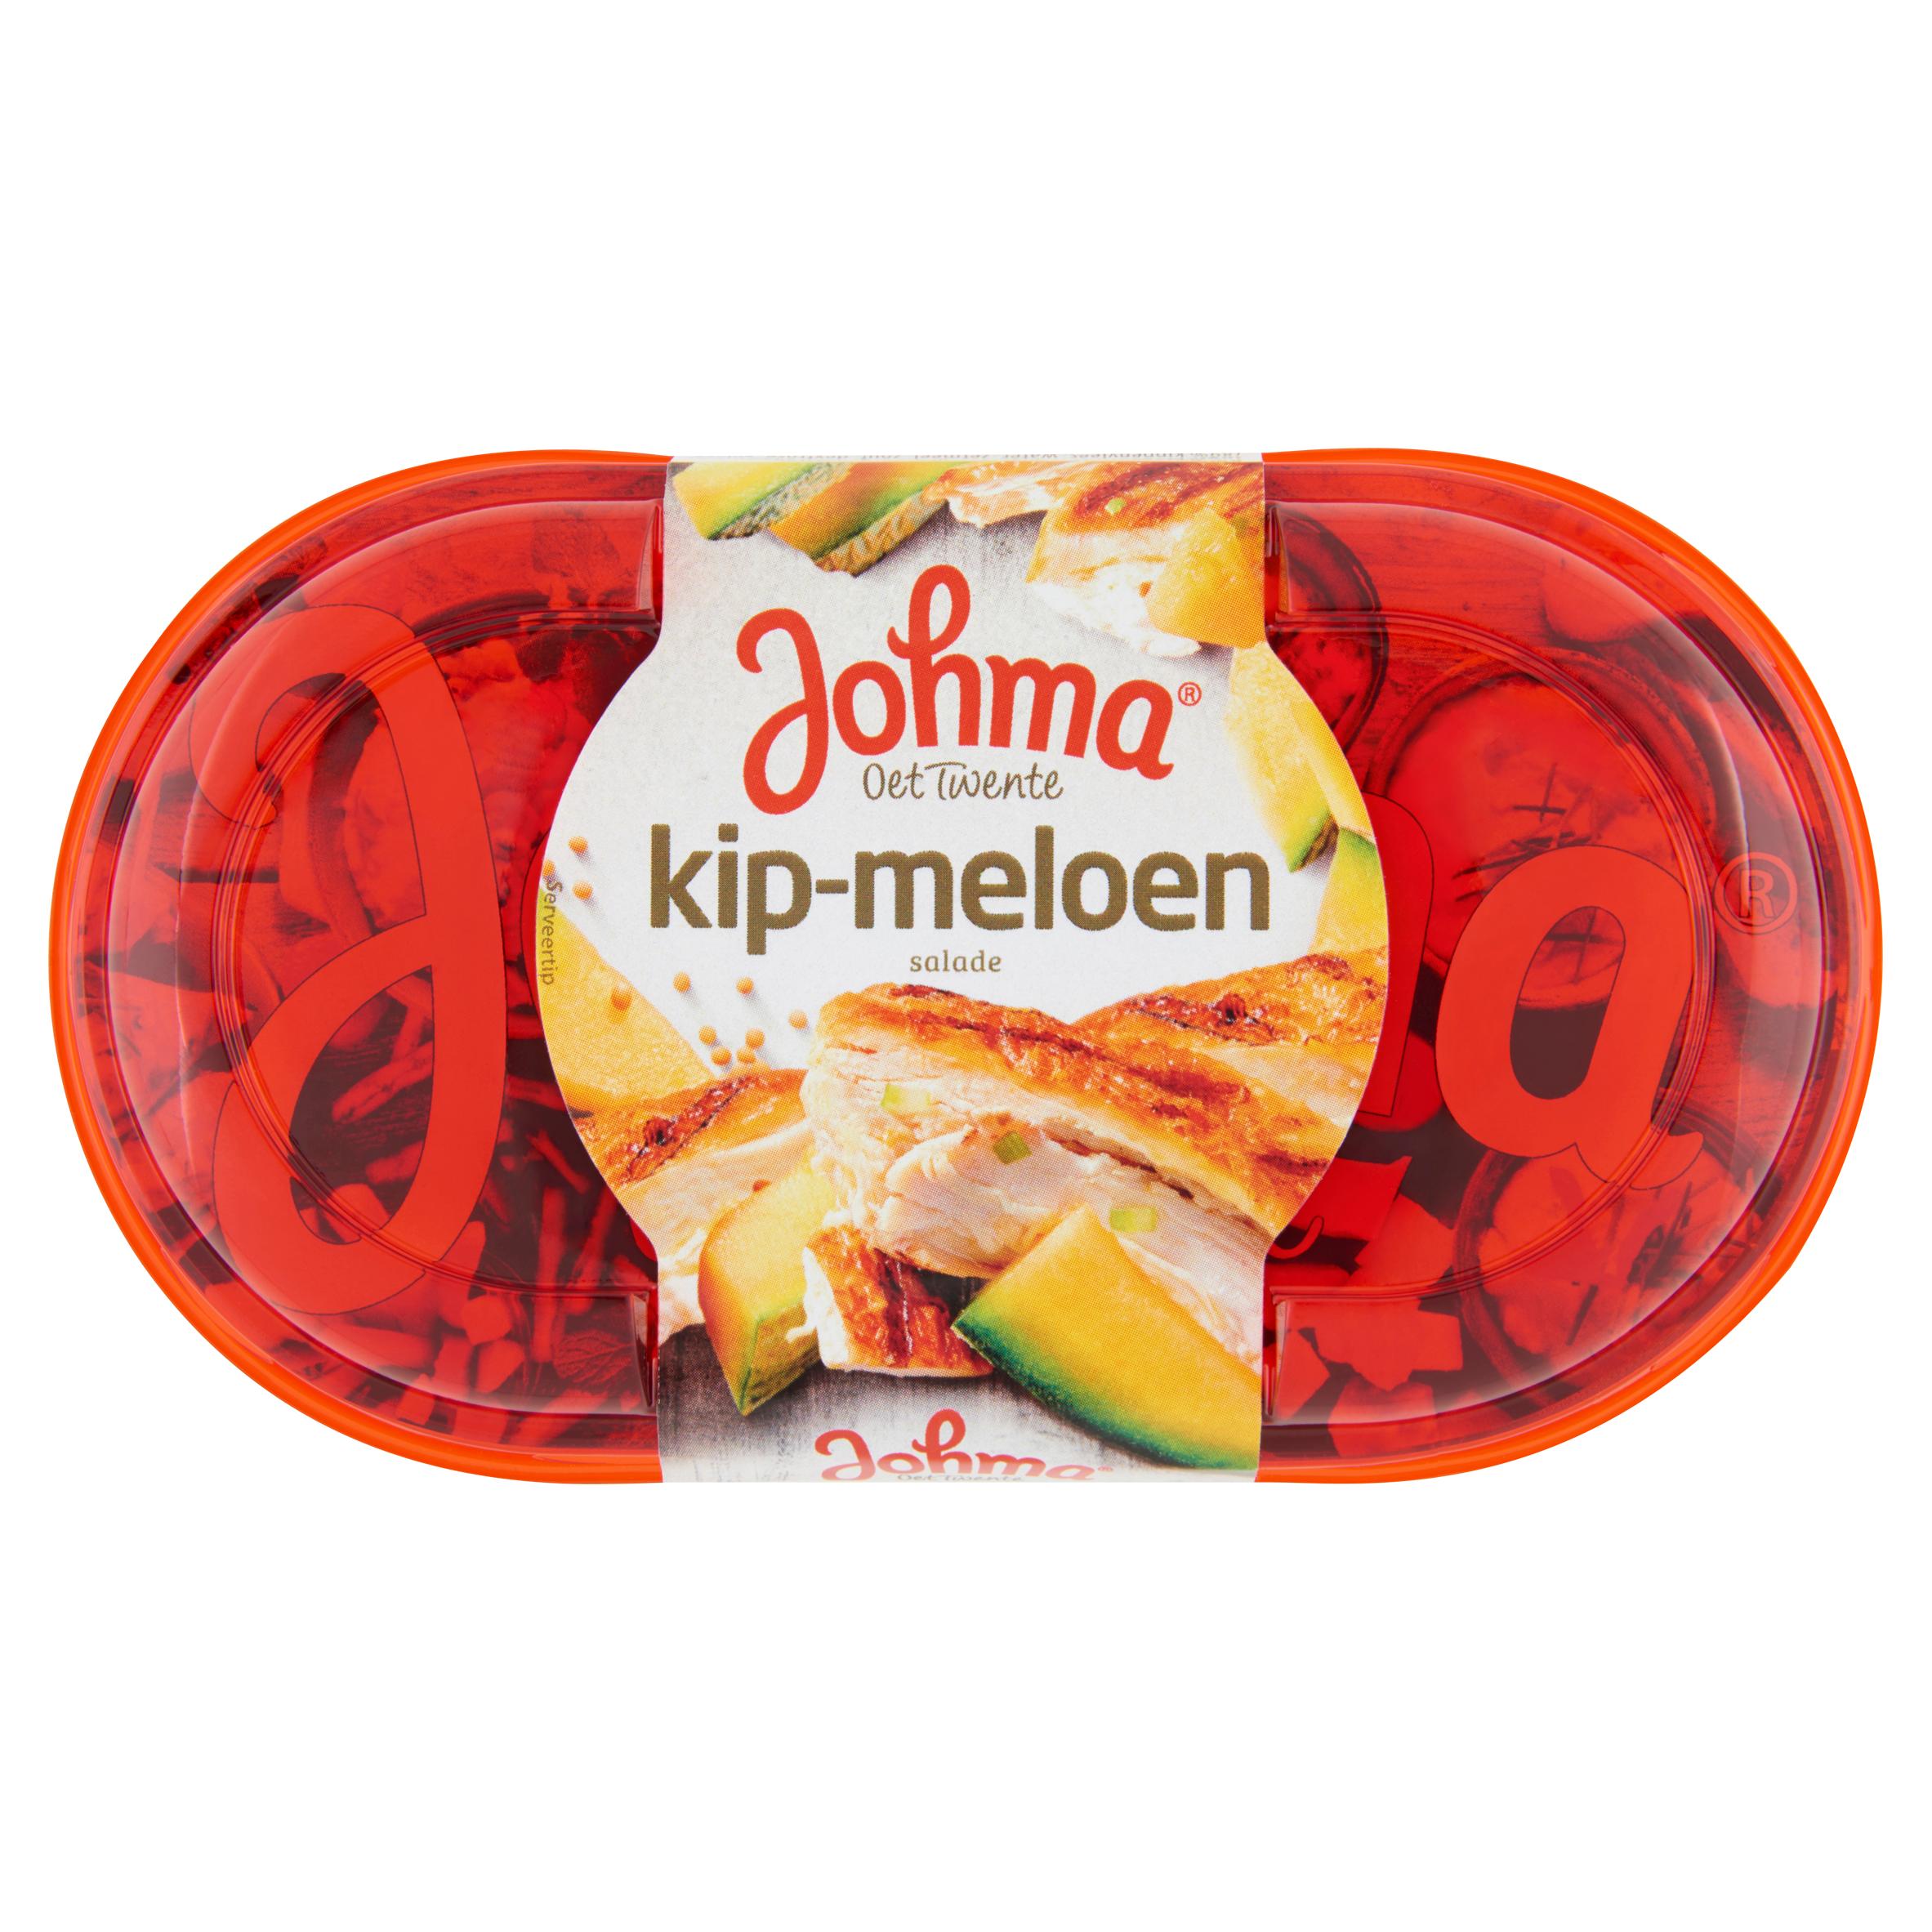 Johma Kip-Meloen Salade 175 g